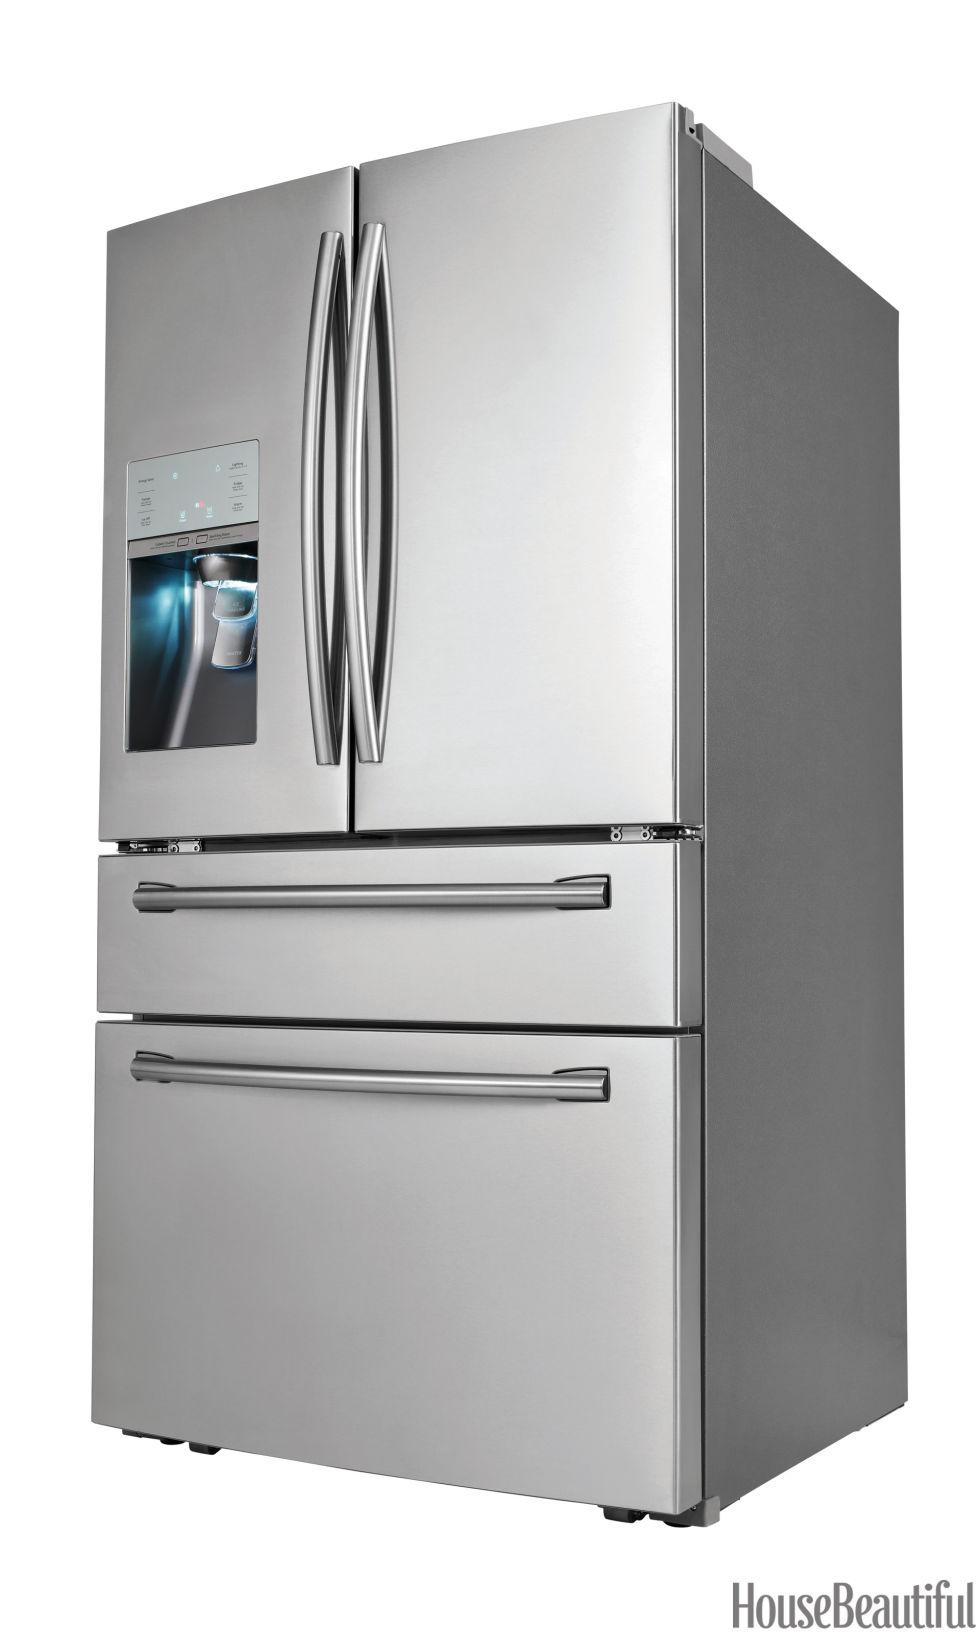 New Kitchen Appliances 2013 - Kitchen Appliance Trends